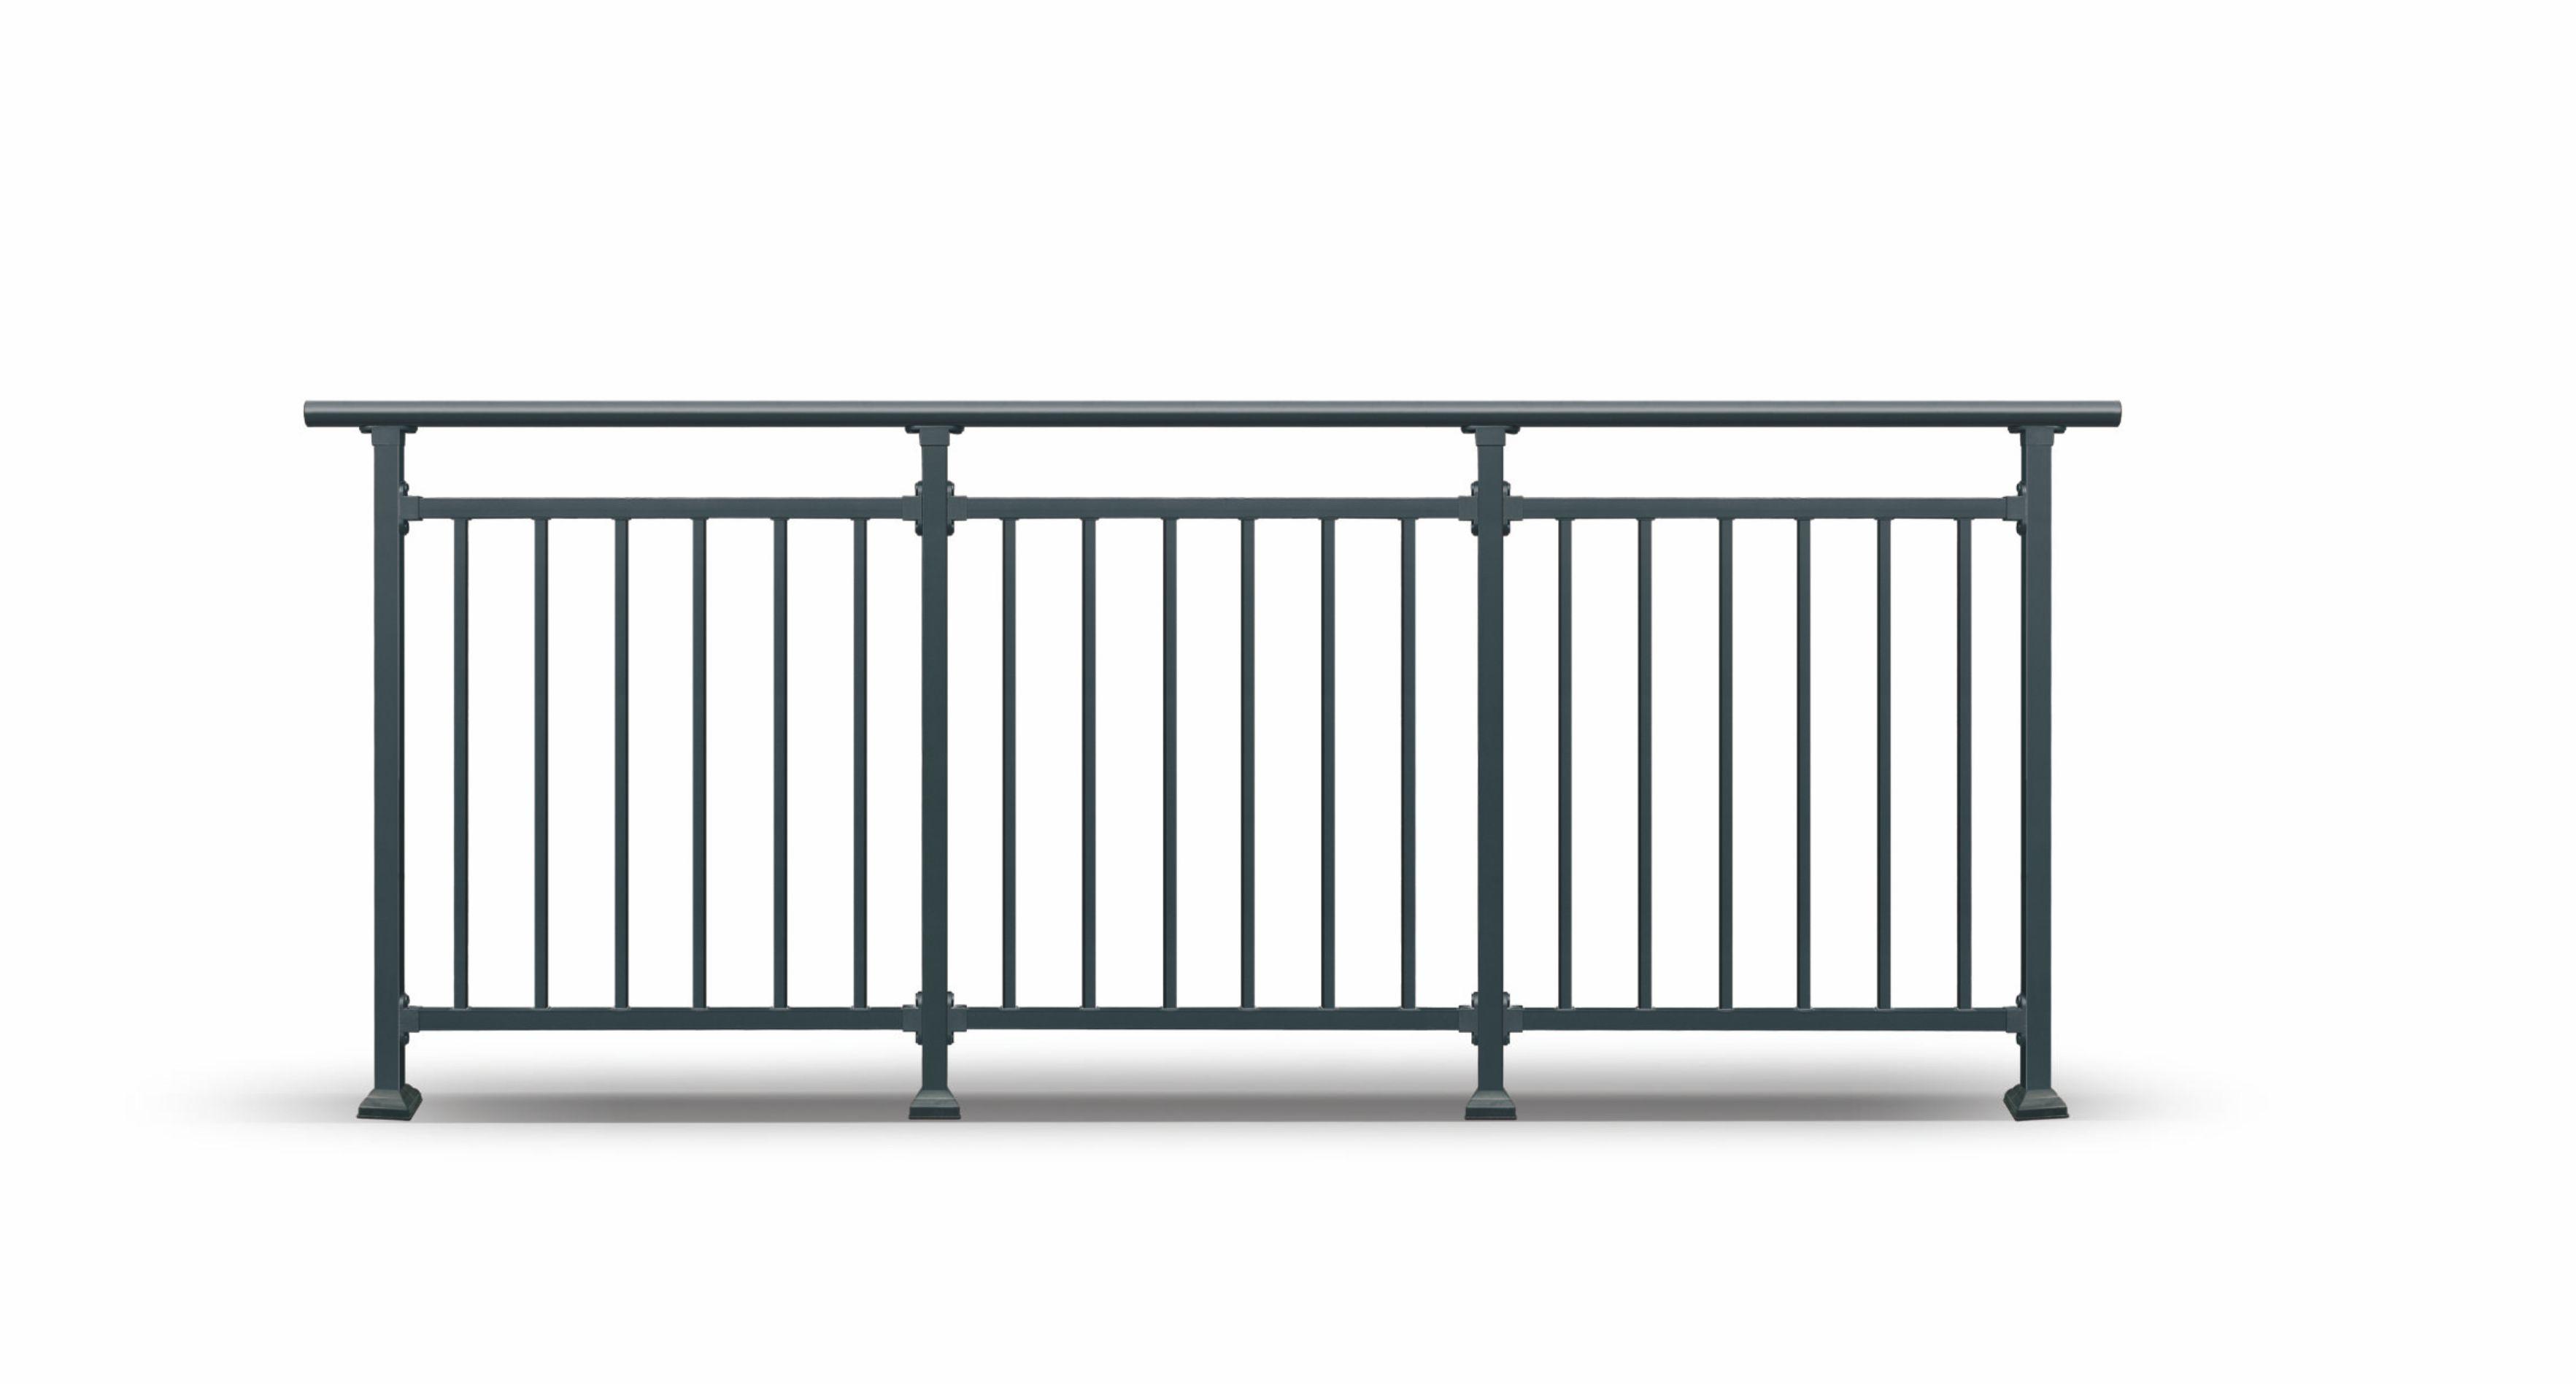 彩色不锈钢栏杆